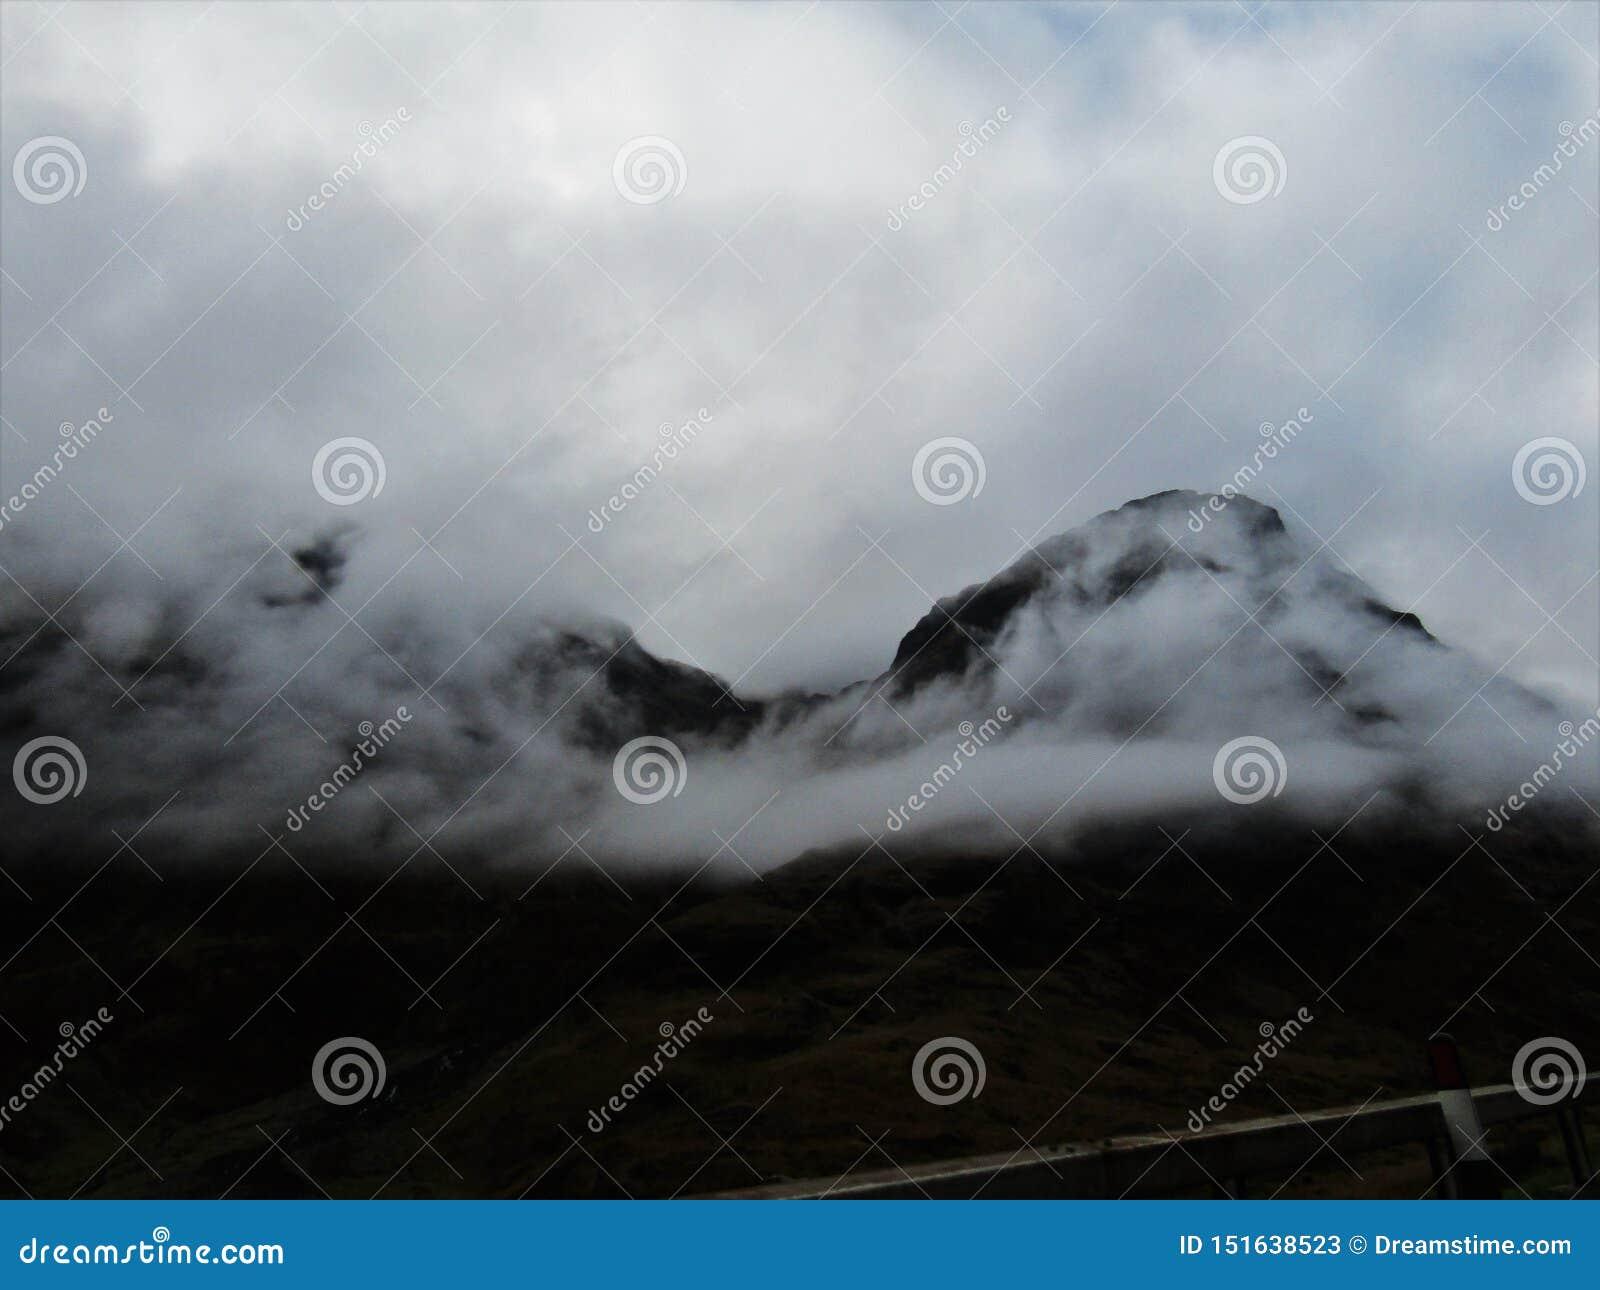 Ominous Mountains